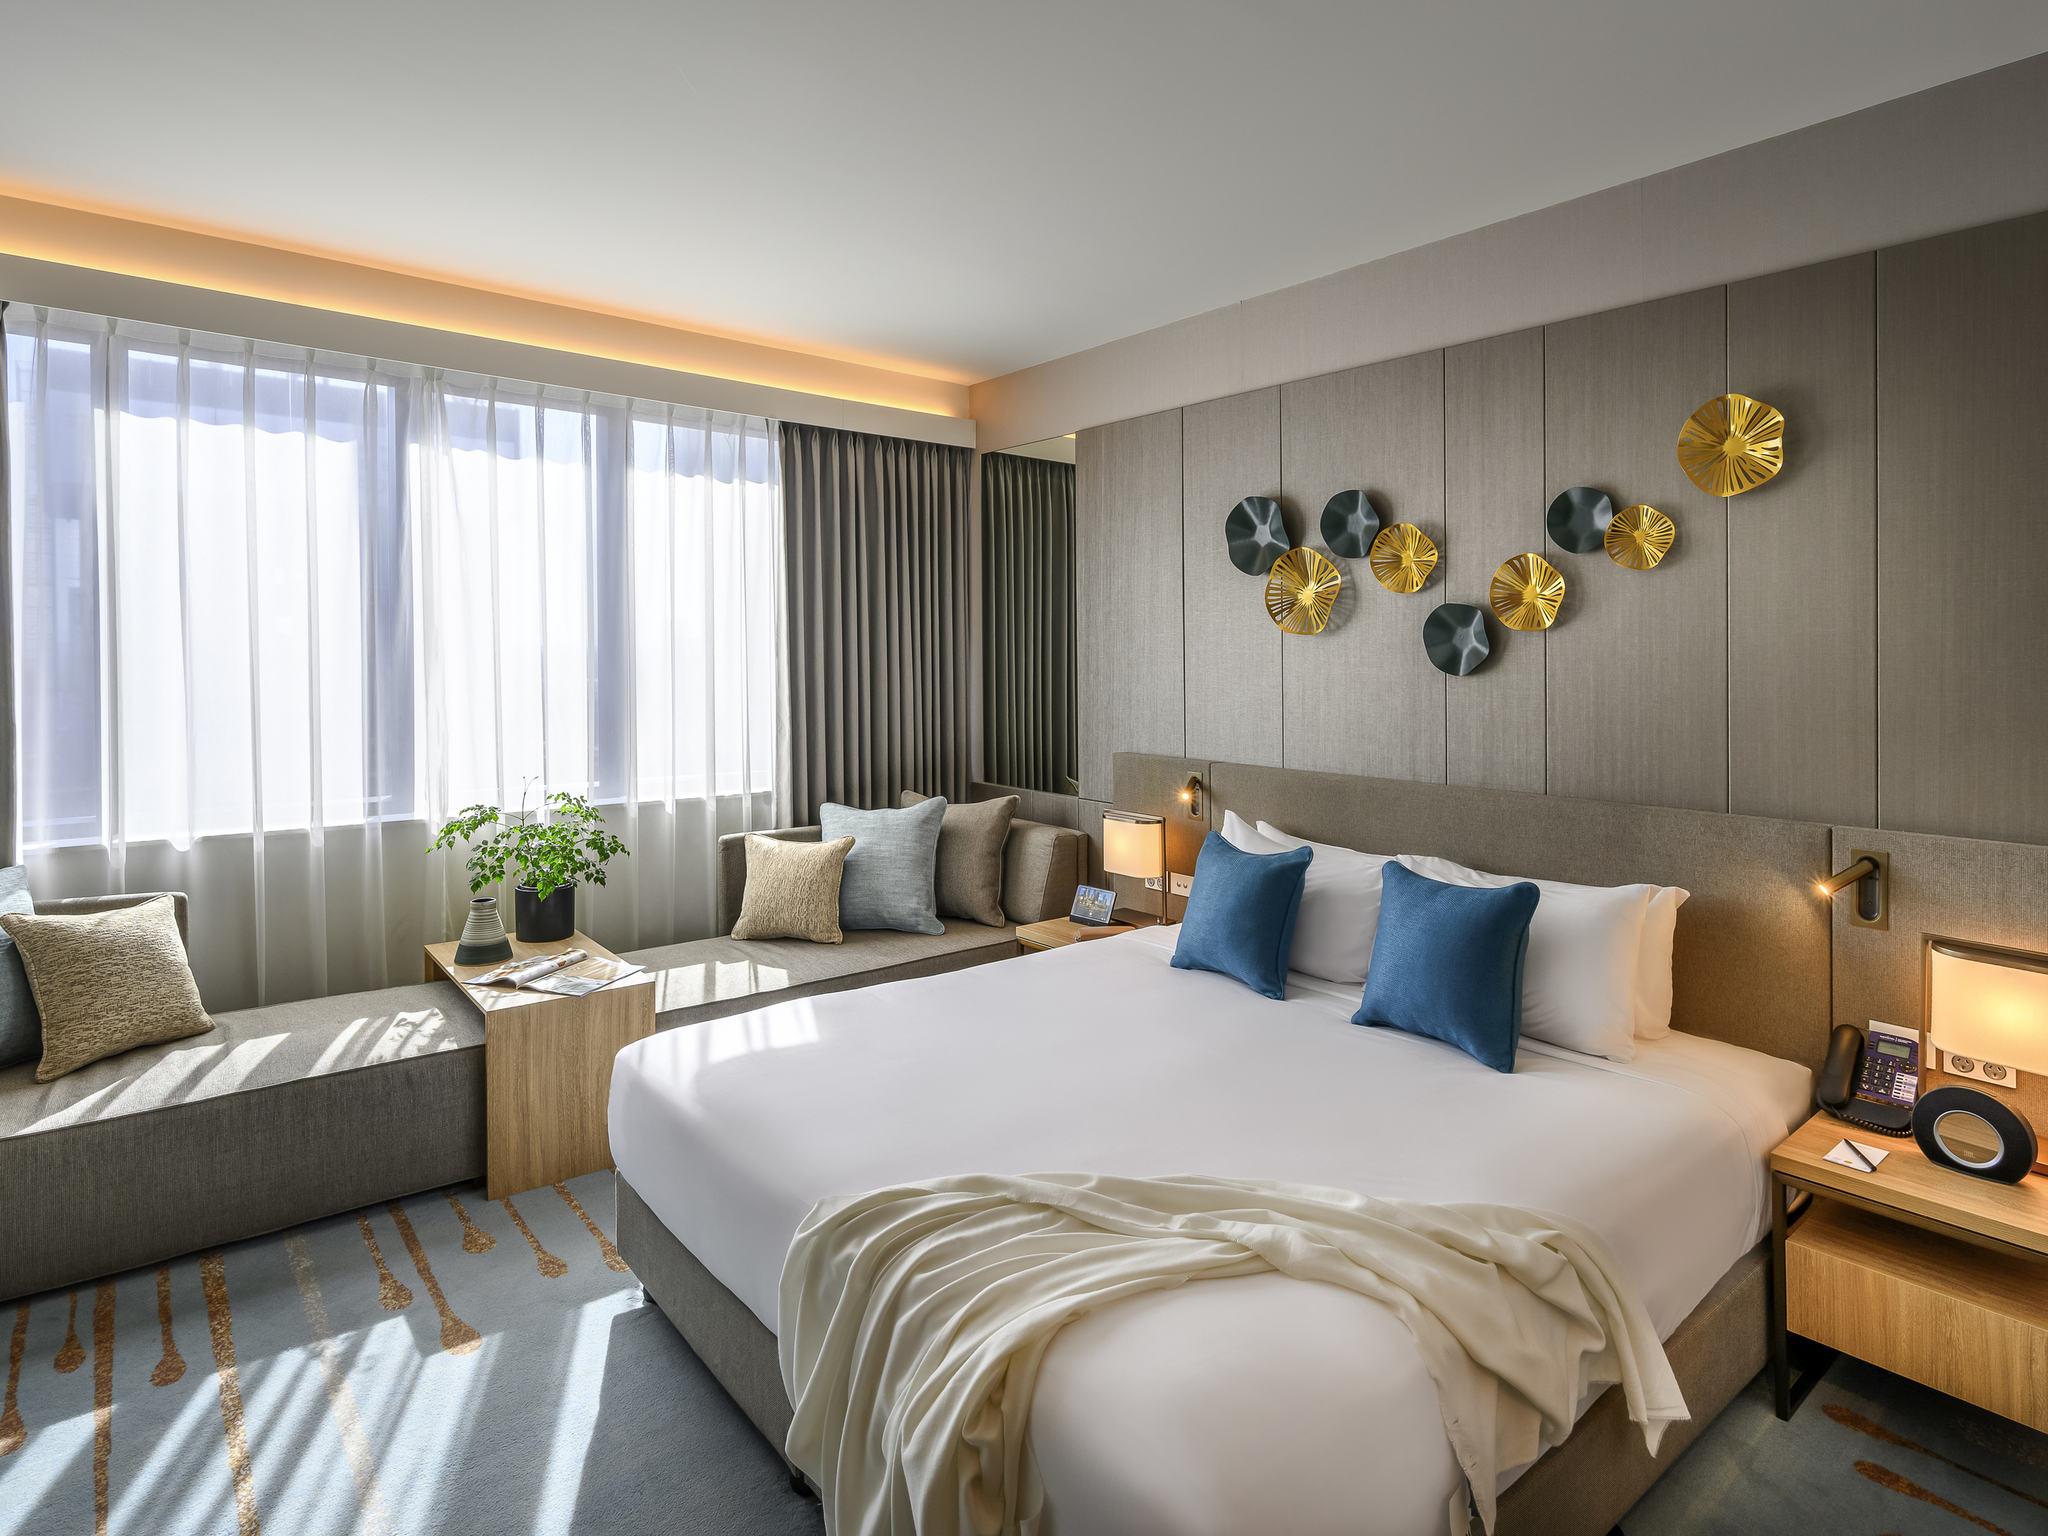 호텔 – 노보텔 멜번 리틀 론스데일 스트리트(2018년 11월 오픈)